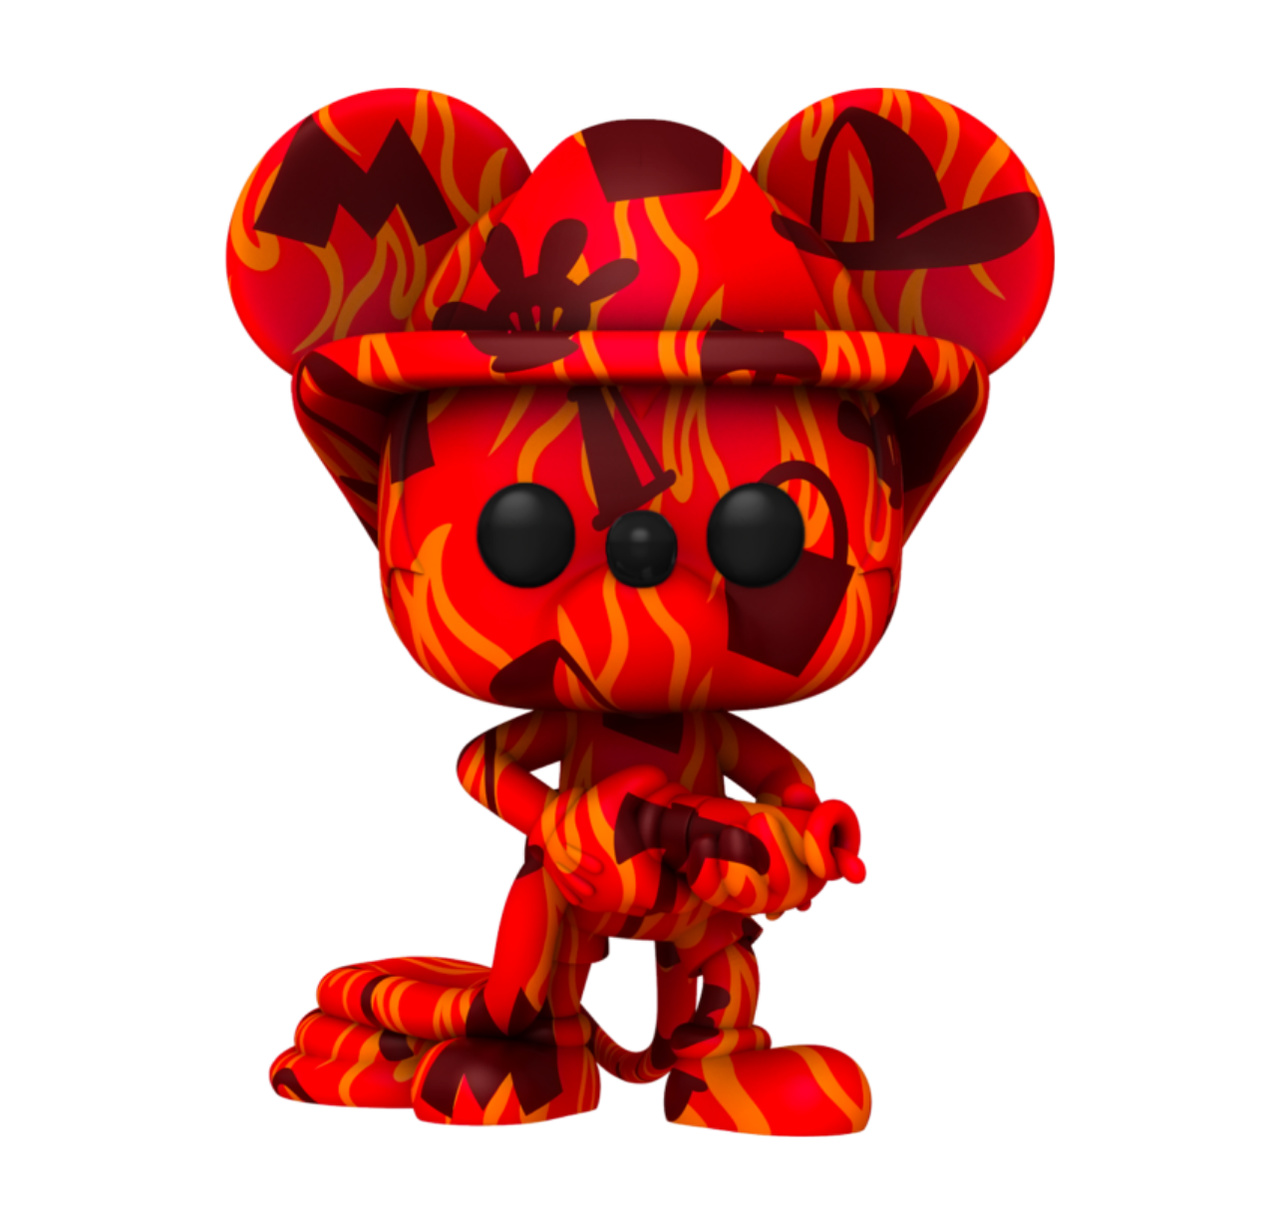 Funko Pop! Bombeiro Firefighter Mickey Mouse Disney Art Series Edição Especial Special Edition #19 - Funko